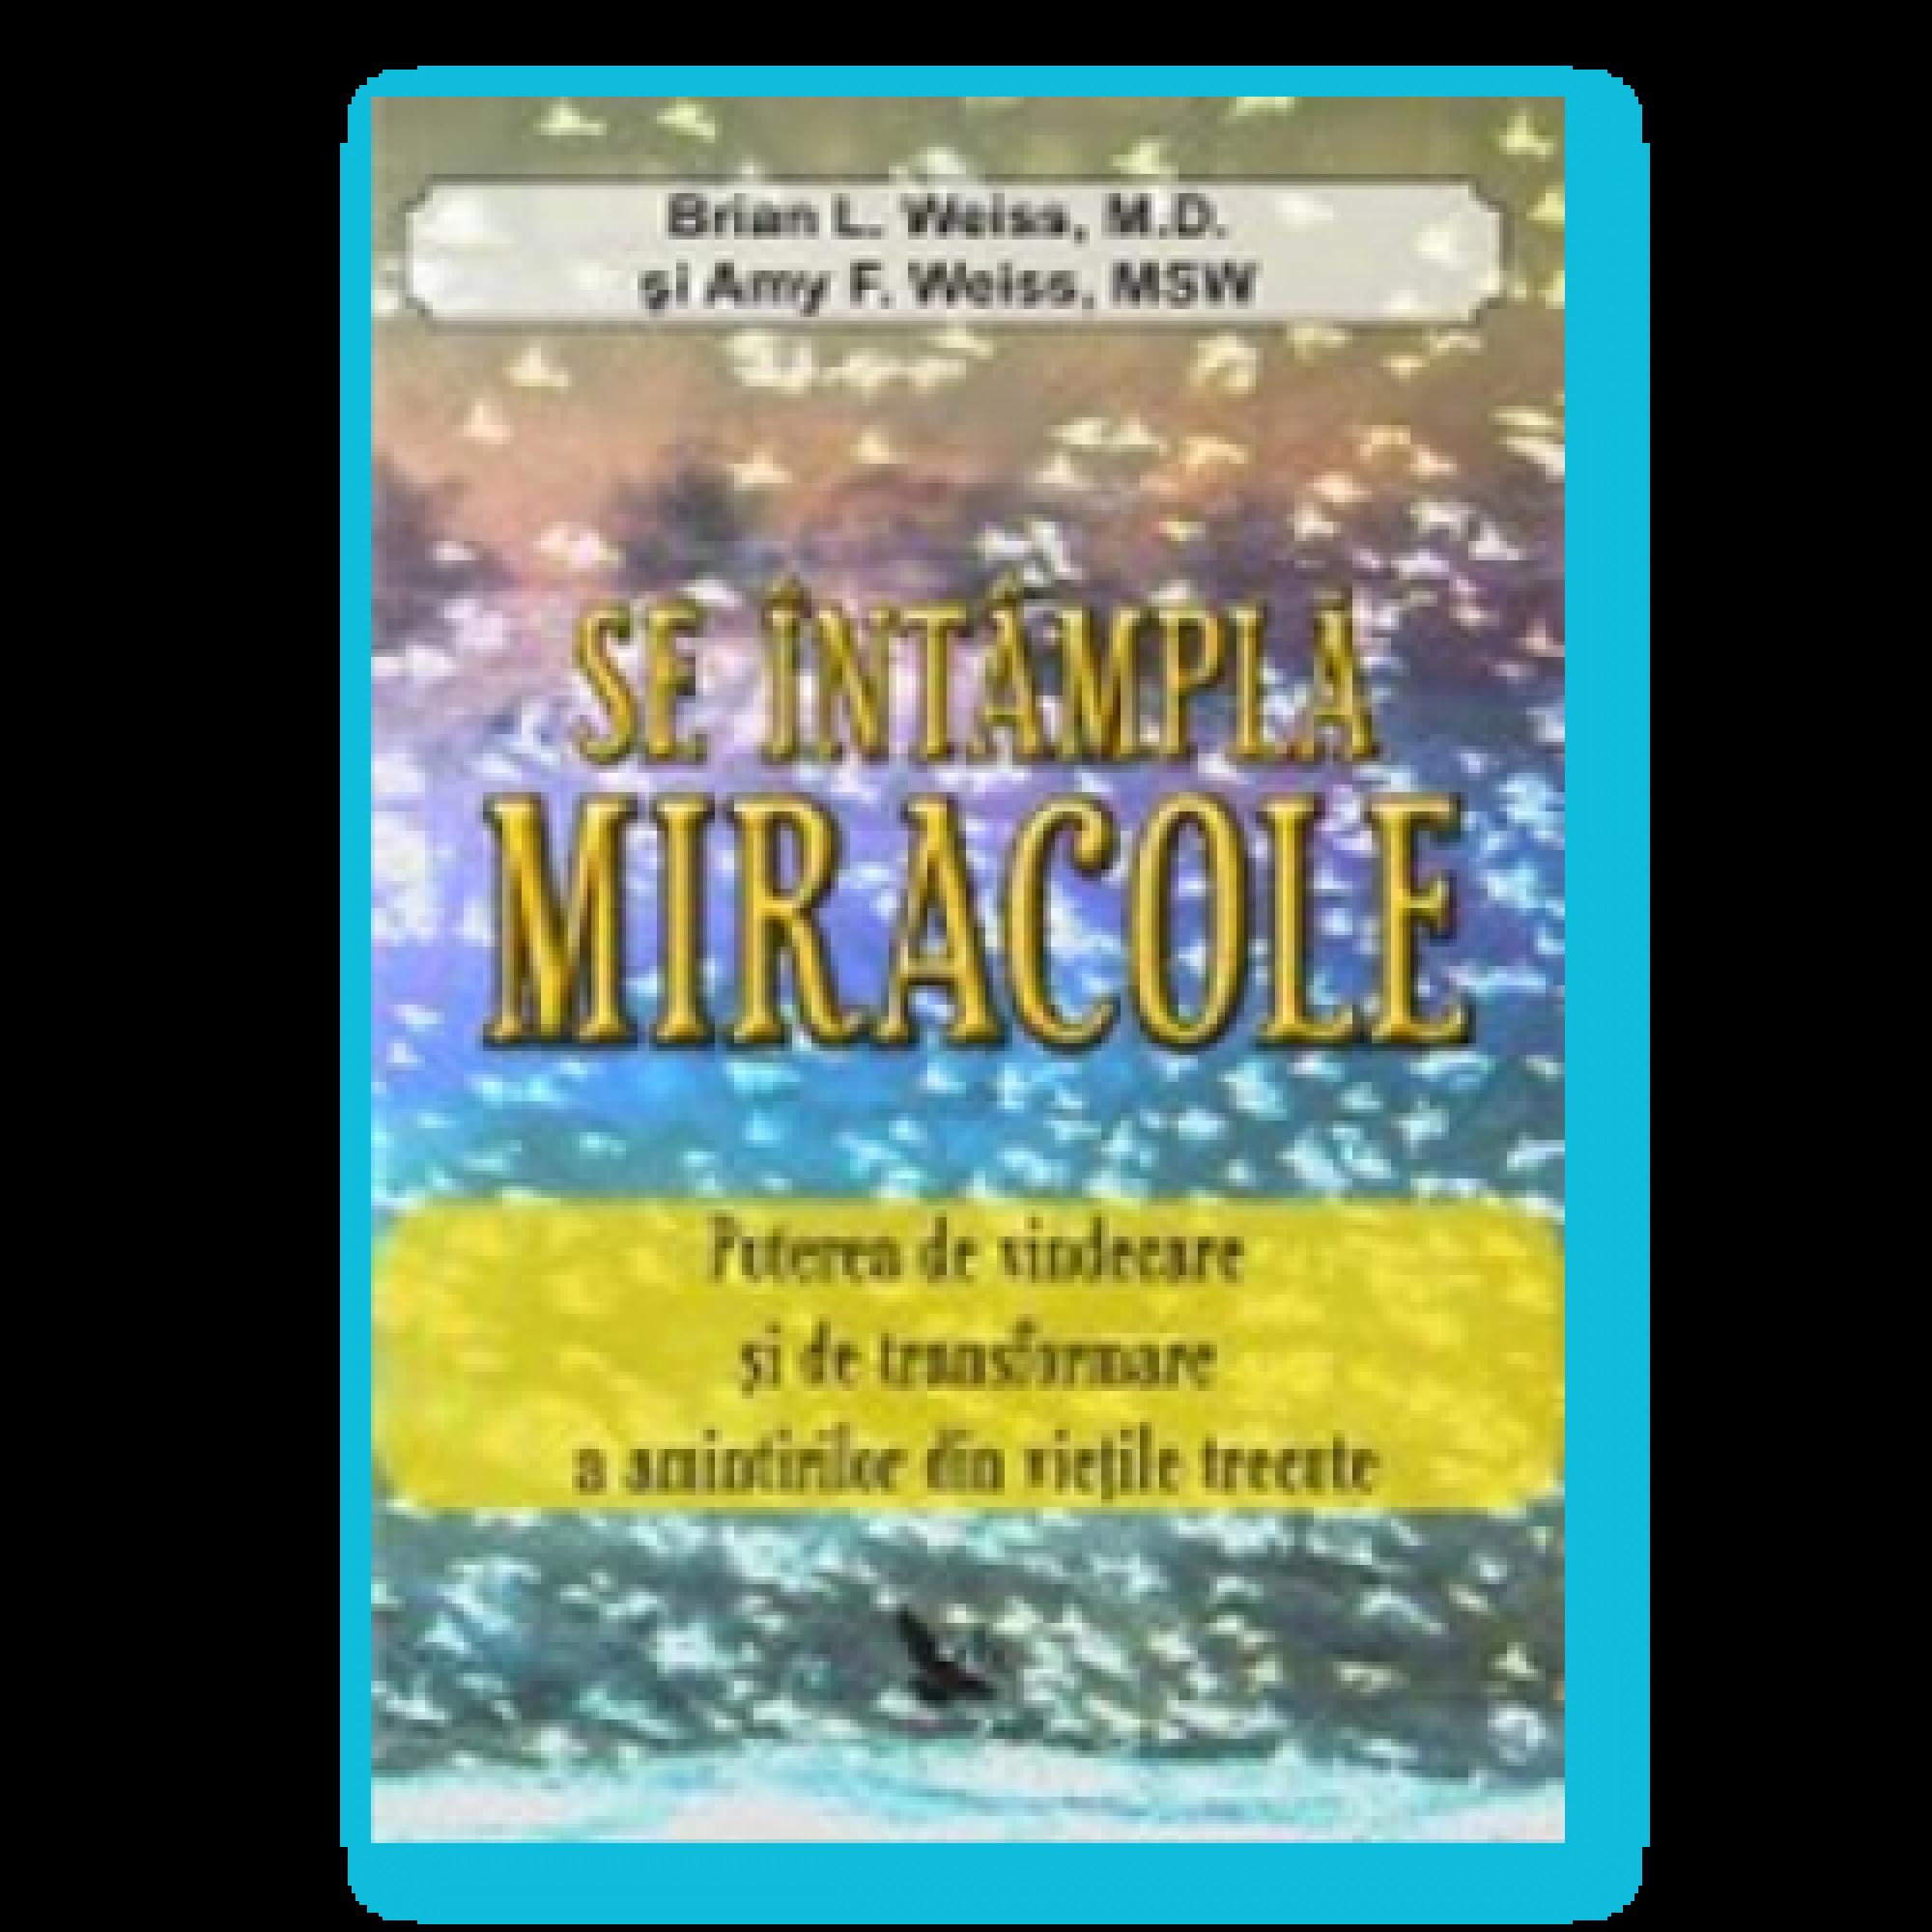 Se întâmplă miracole. Puterea de vindecare şi de transformare a amintirilor din vieţile trecute